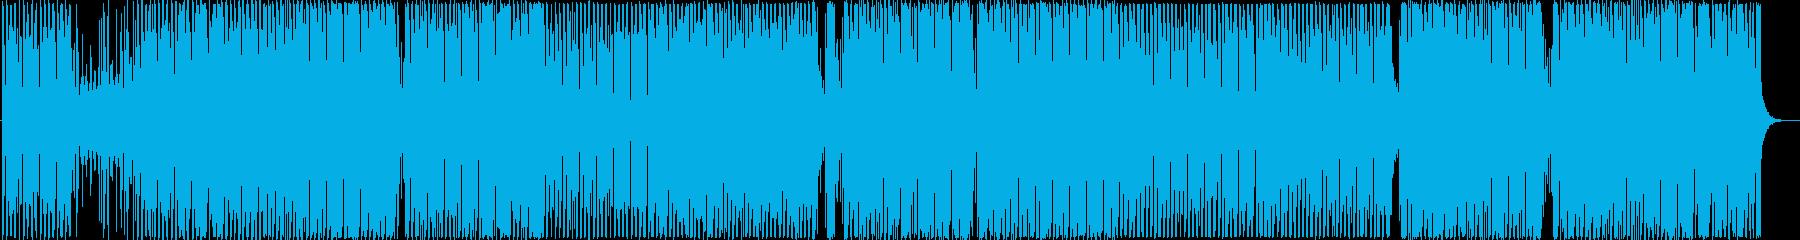 パワフルで力強いダンスミュージックの再生済みの波形